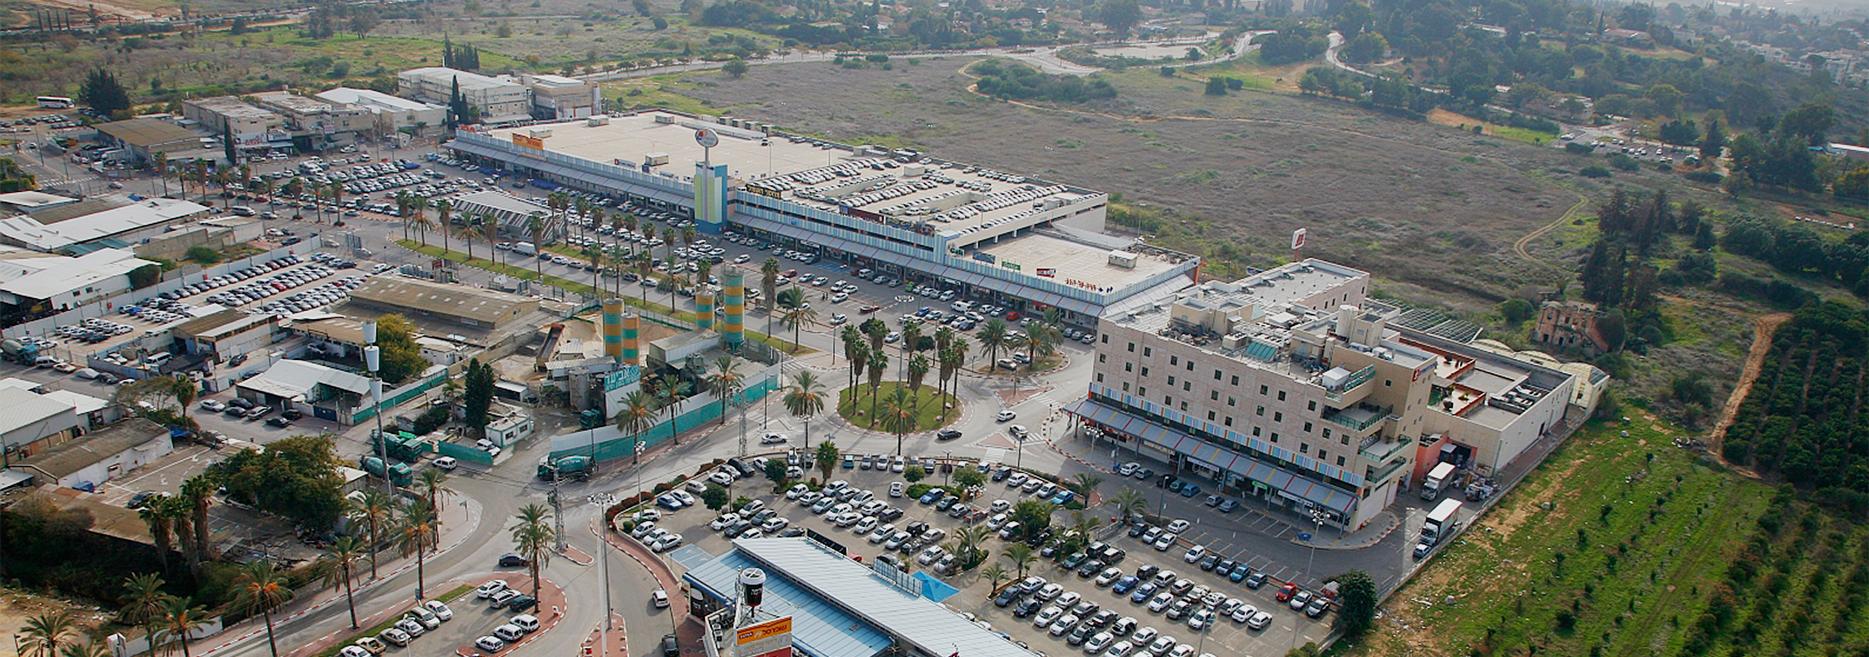 ייזום נכסים מניבים בישראל